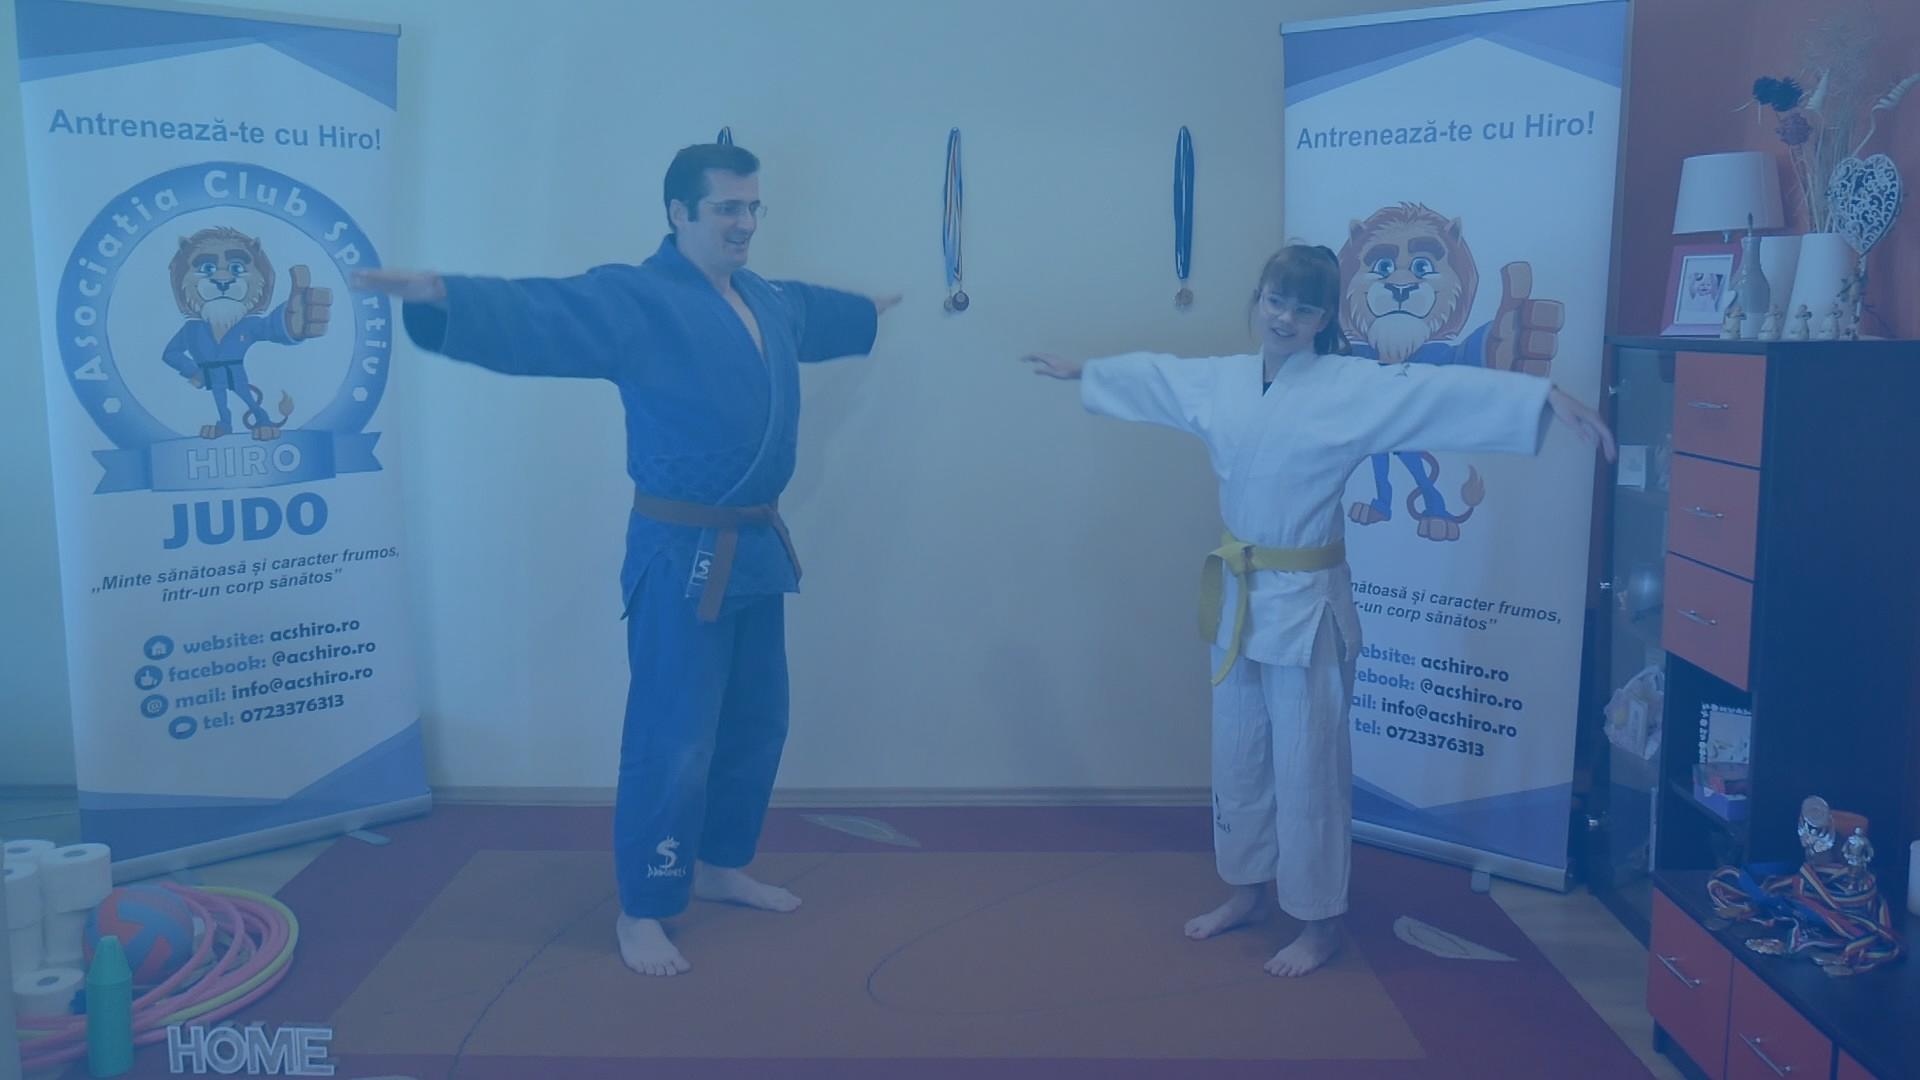 Antrenamente de judo online pentru copii